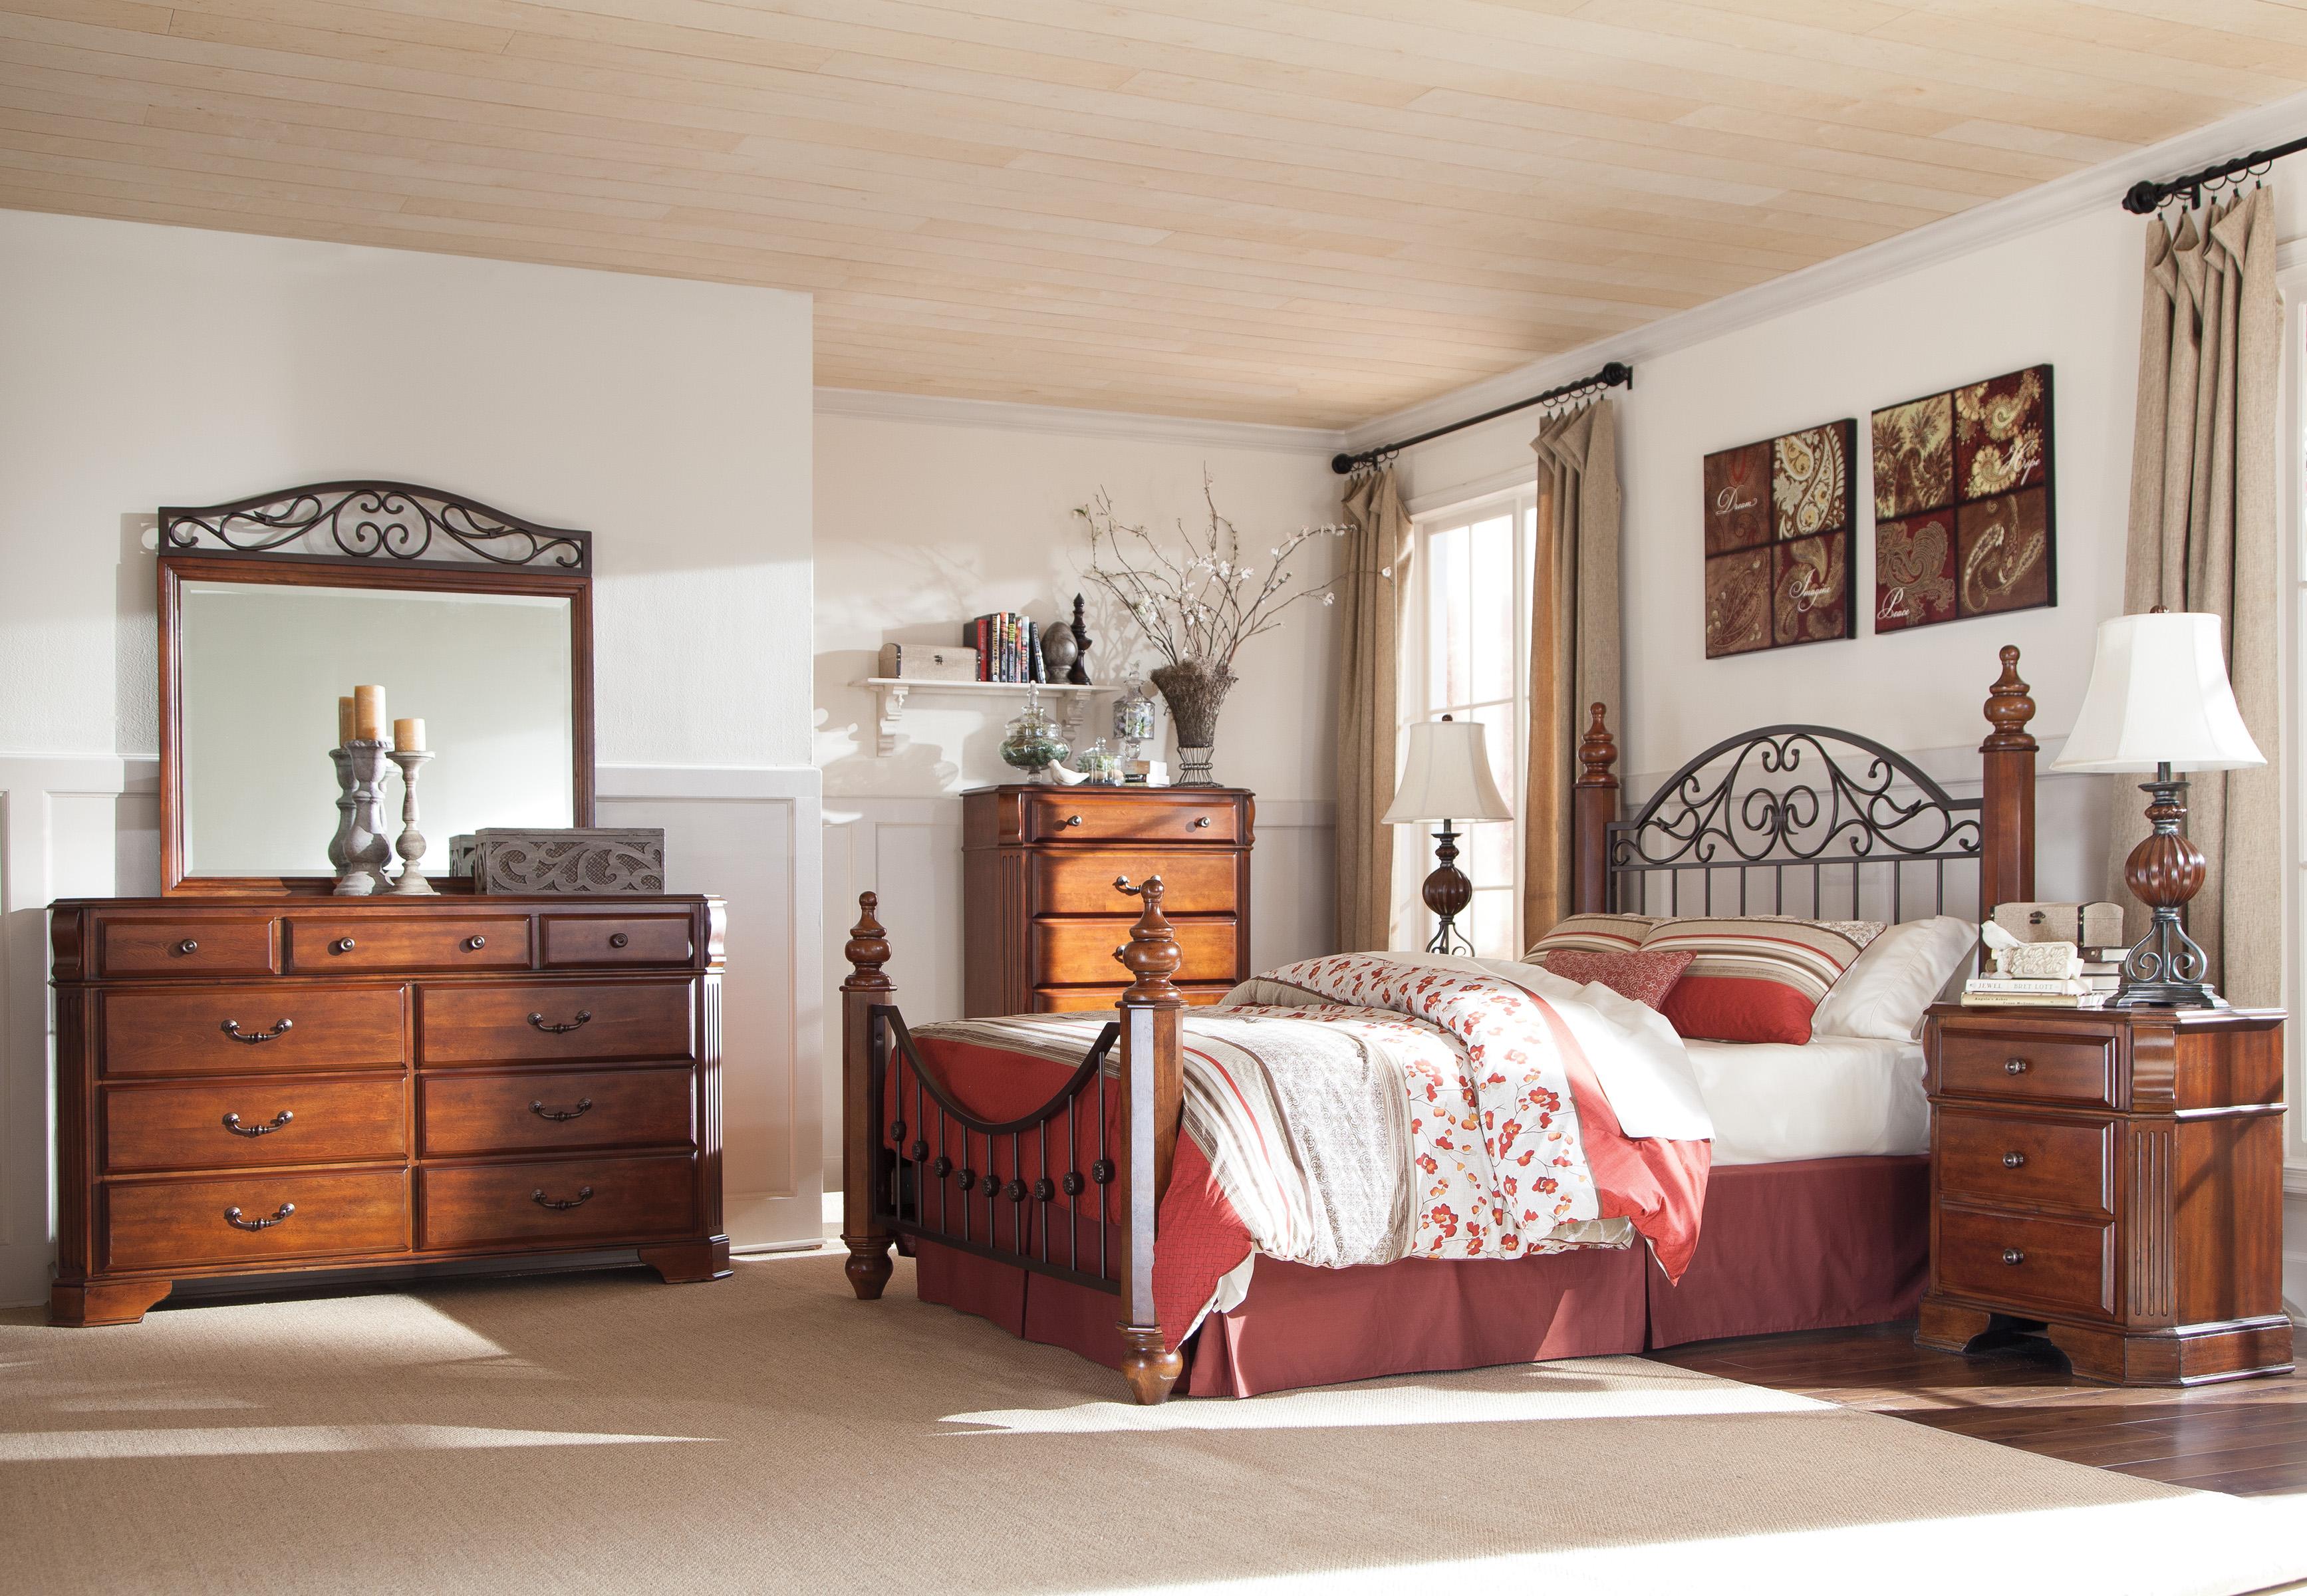 Wyatt Poster Bedroom Set | Marjen of Chicago | Chicago Discount ...